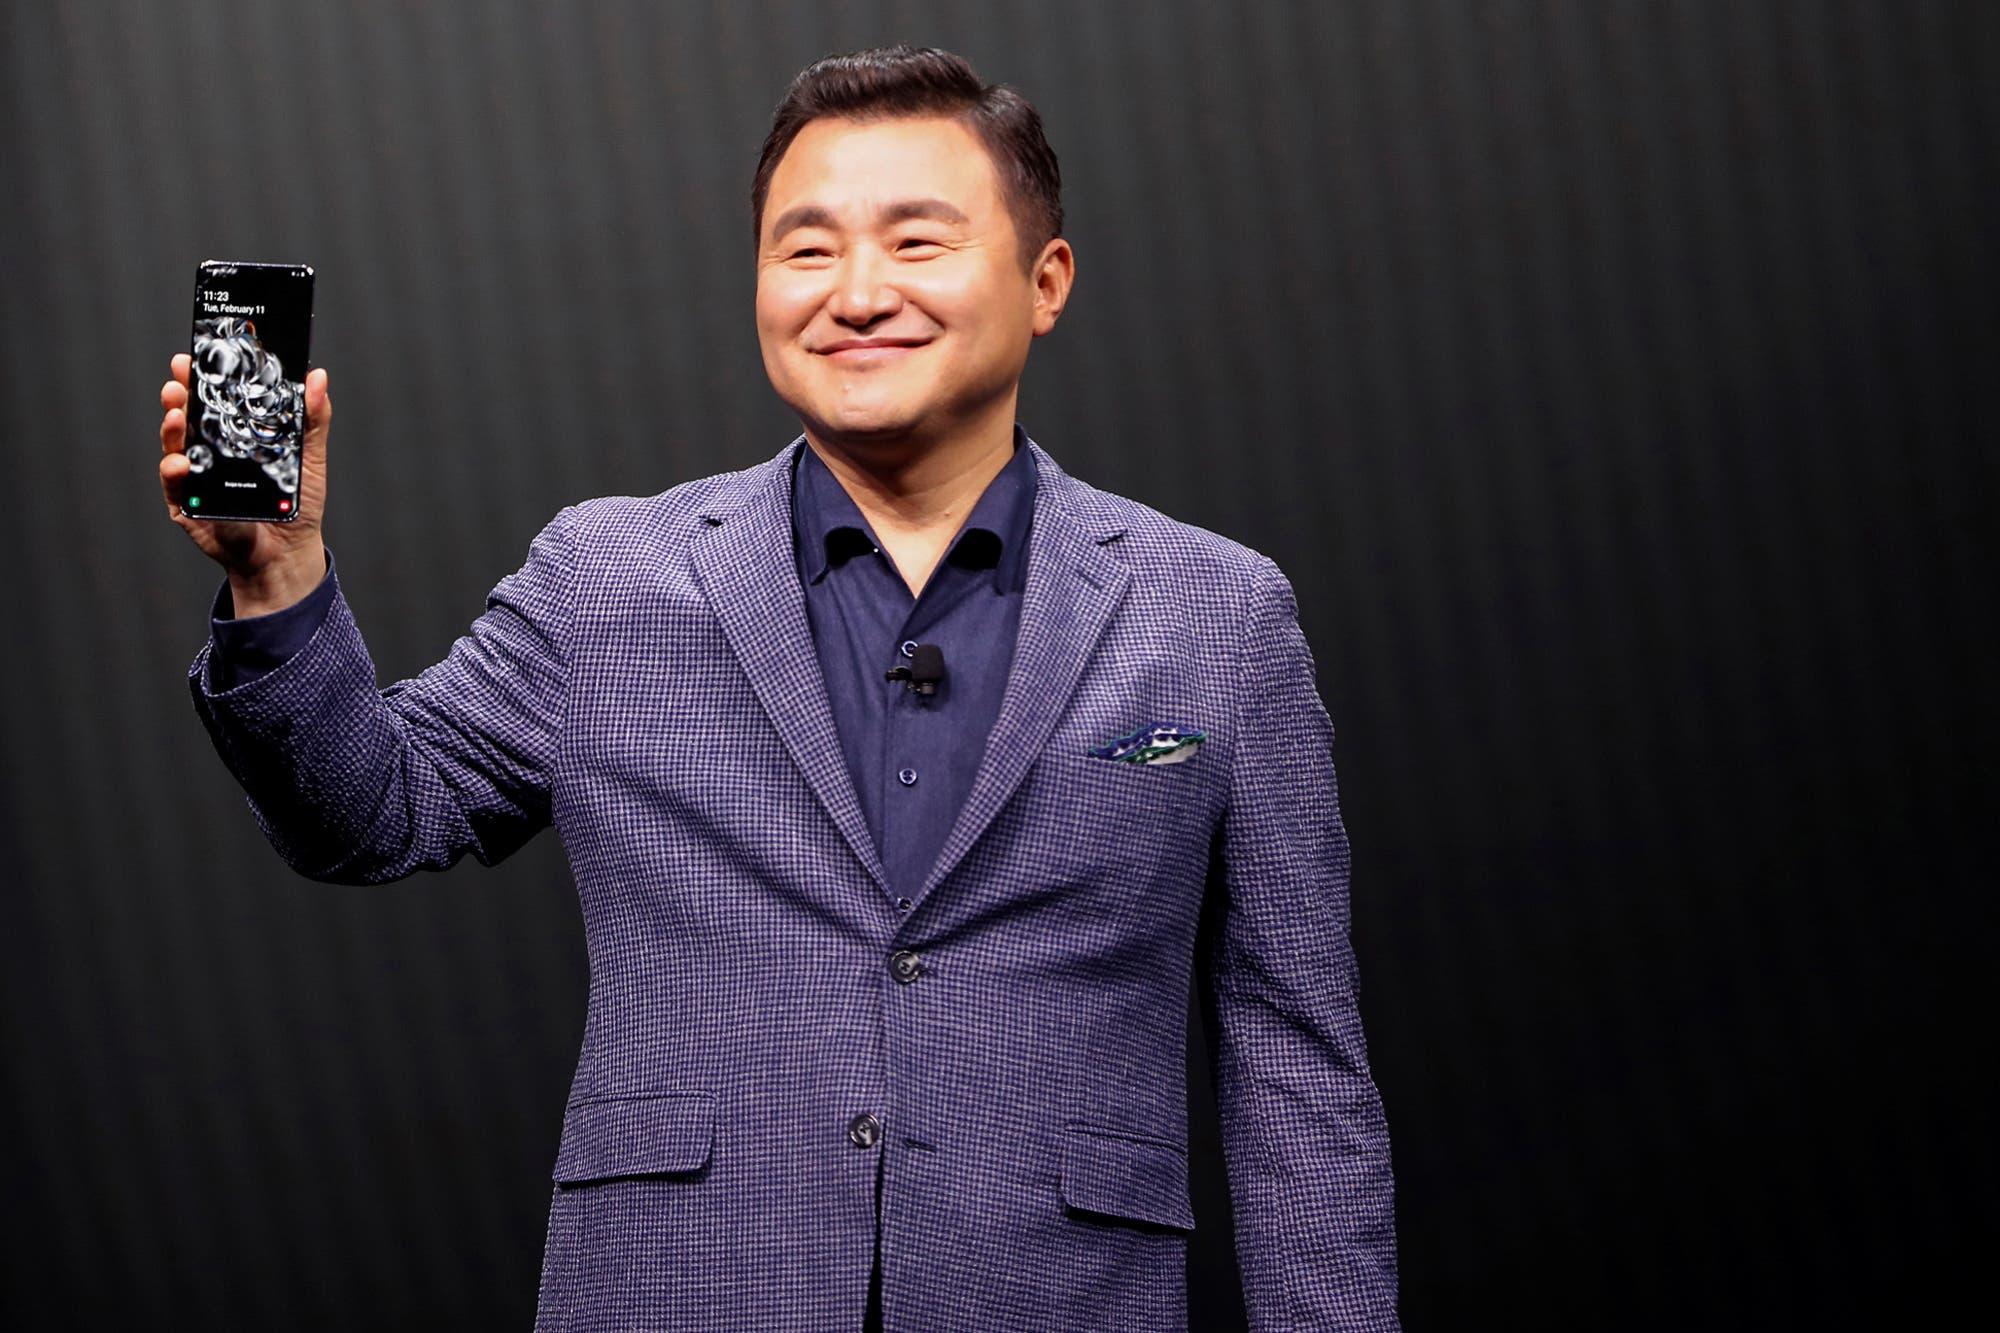 Samsung Galaxy S20, S20 y S20 Ultra: los nuevos smartphones llegan con 5G y una cámara de 108 megapixeles